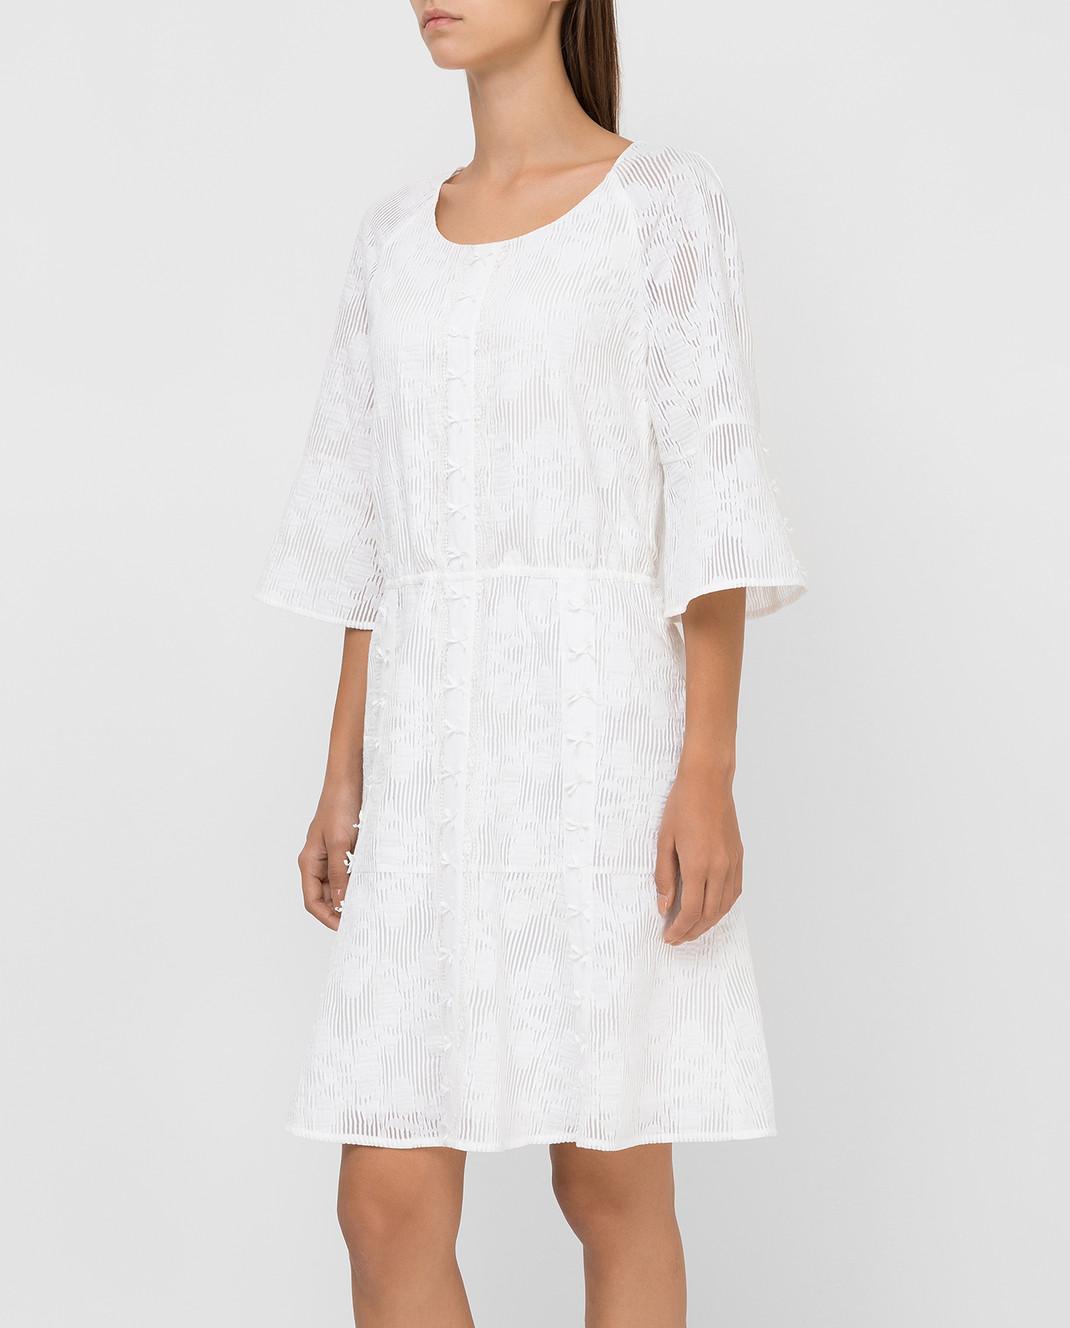 Blumarine Белое платье 6454 изображение 3